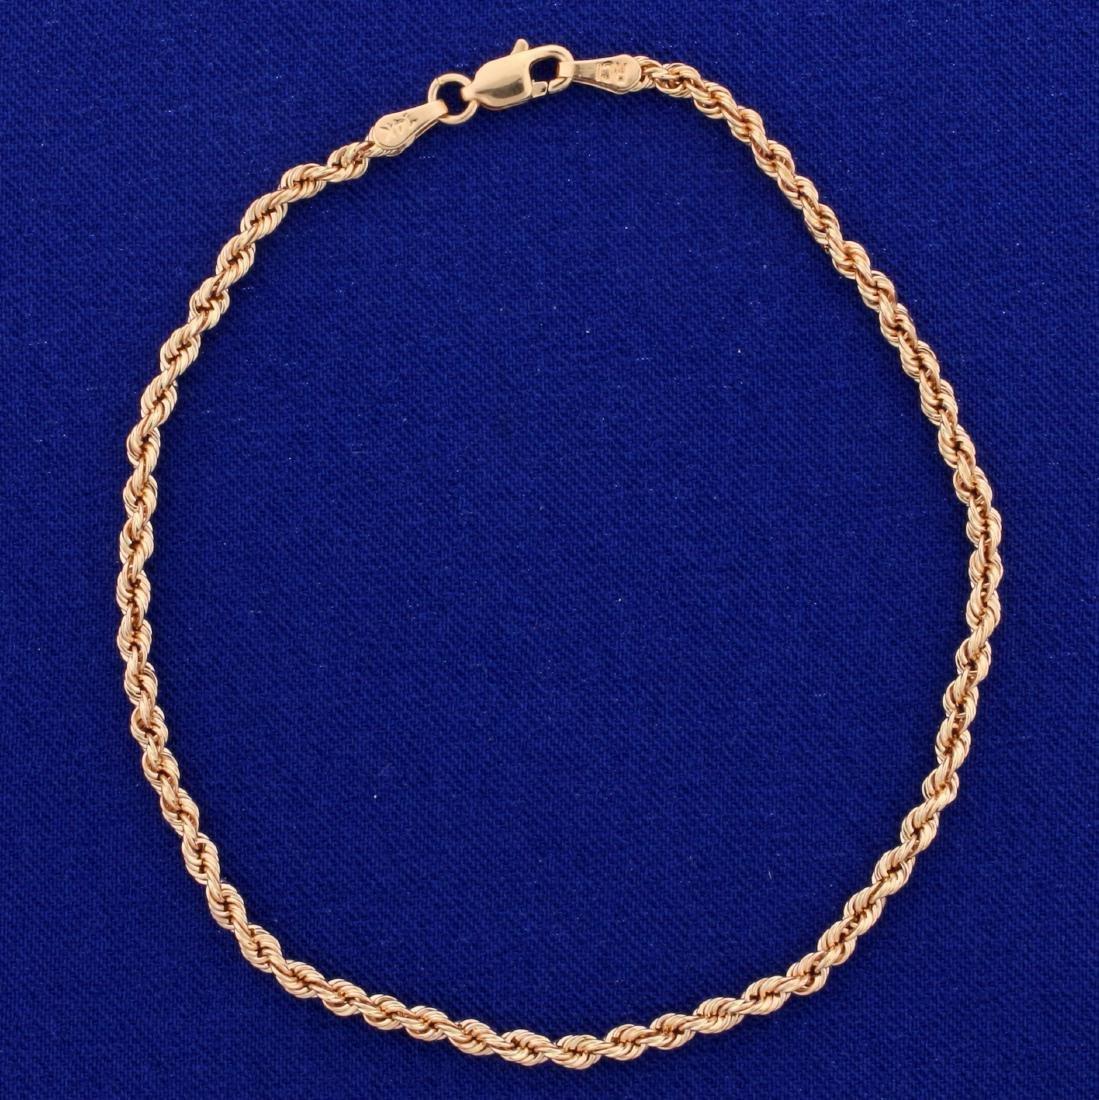 8 Inch Rope Style Bracelet in 14K Rose Gold